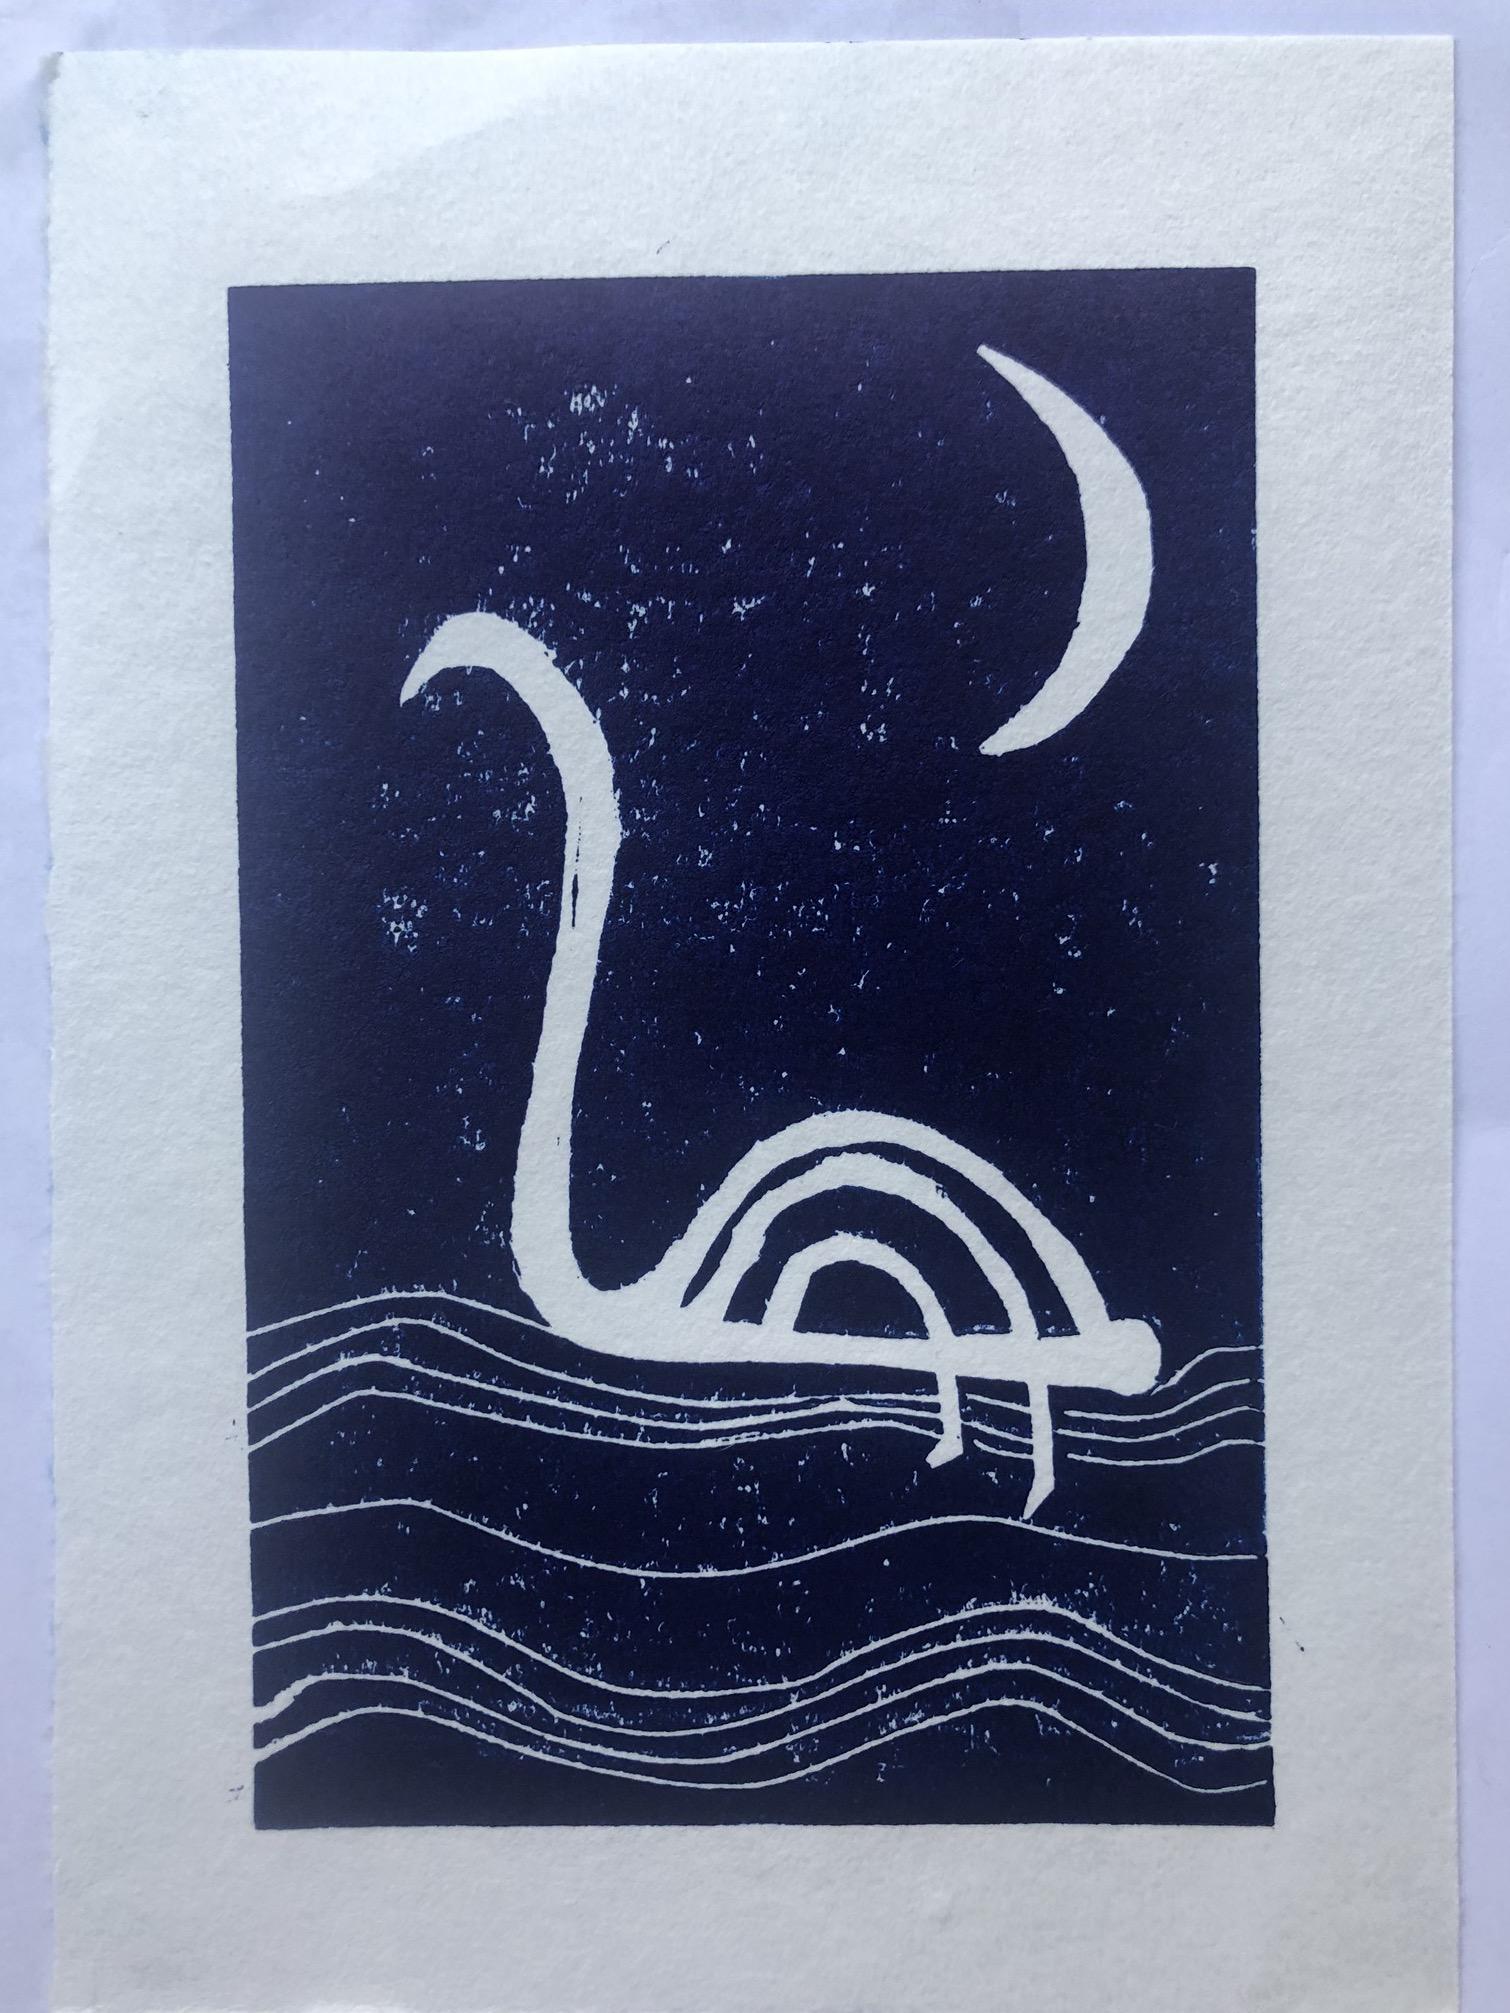 Swan of Tuonela